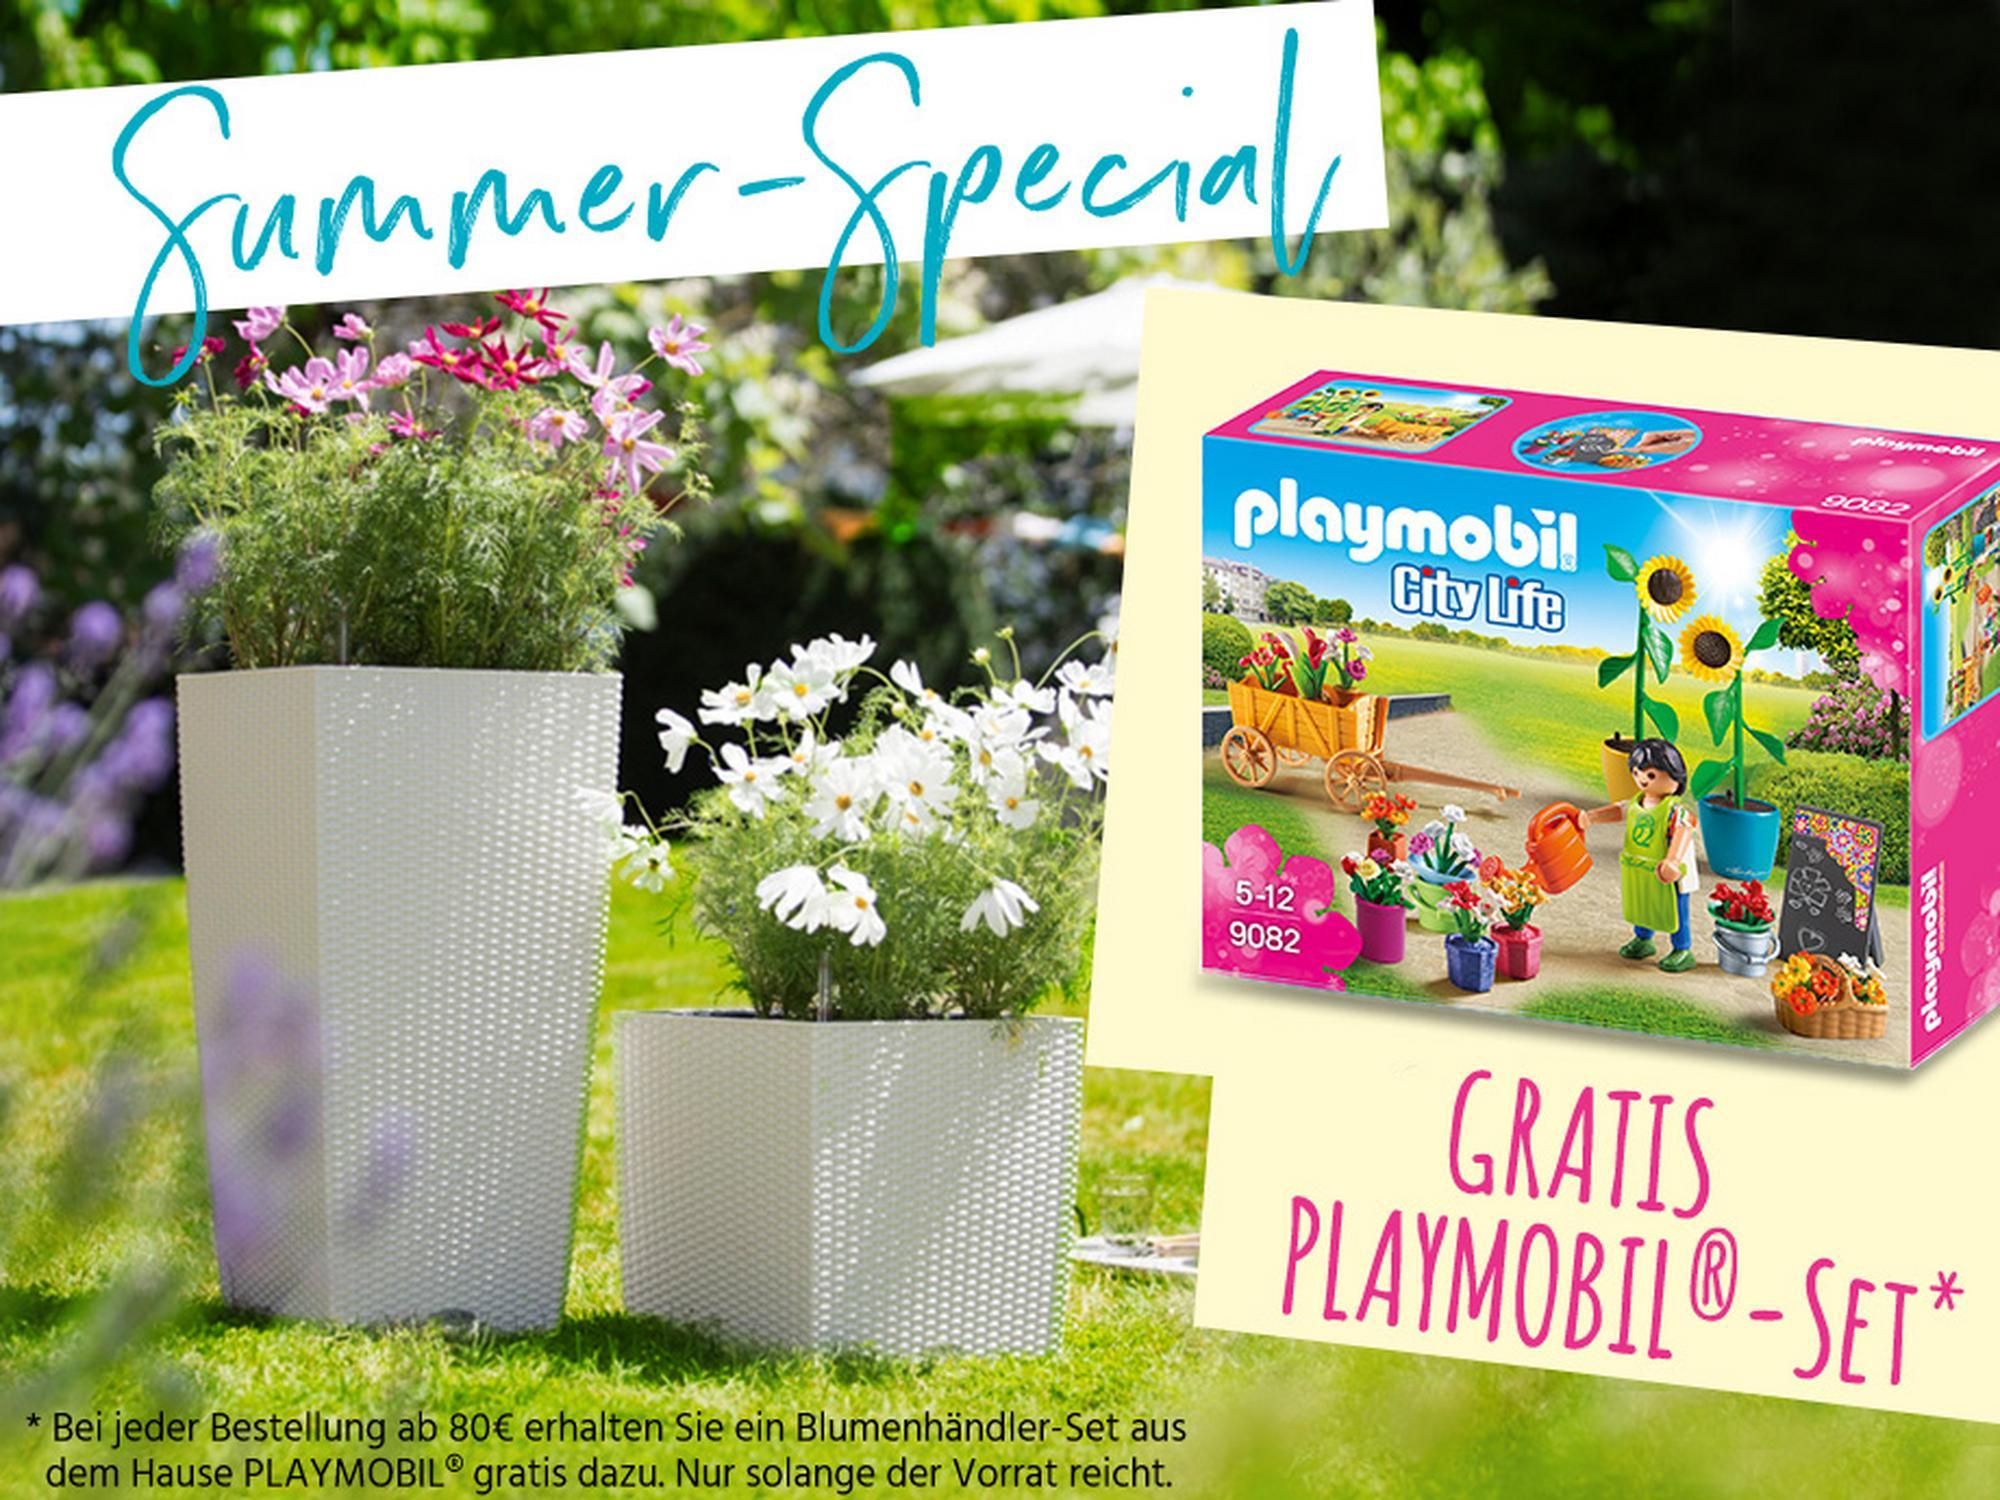 hero_banner_promo-summer-special_xs_de